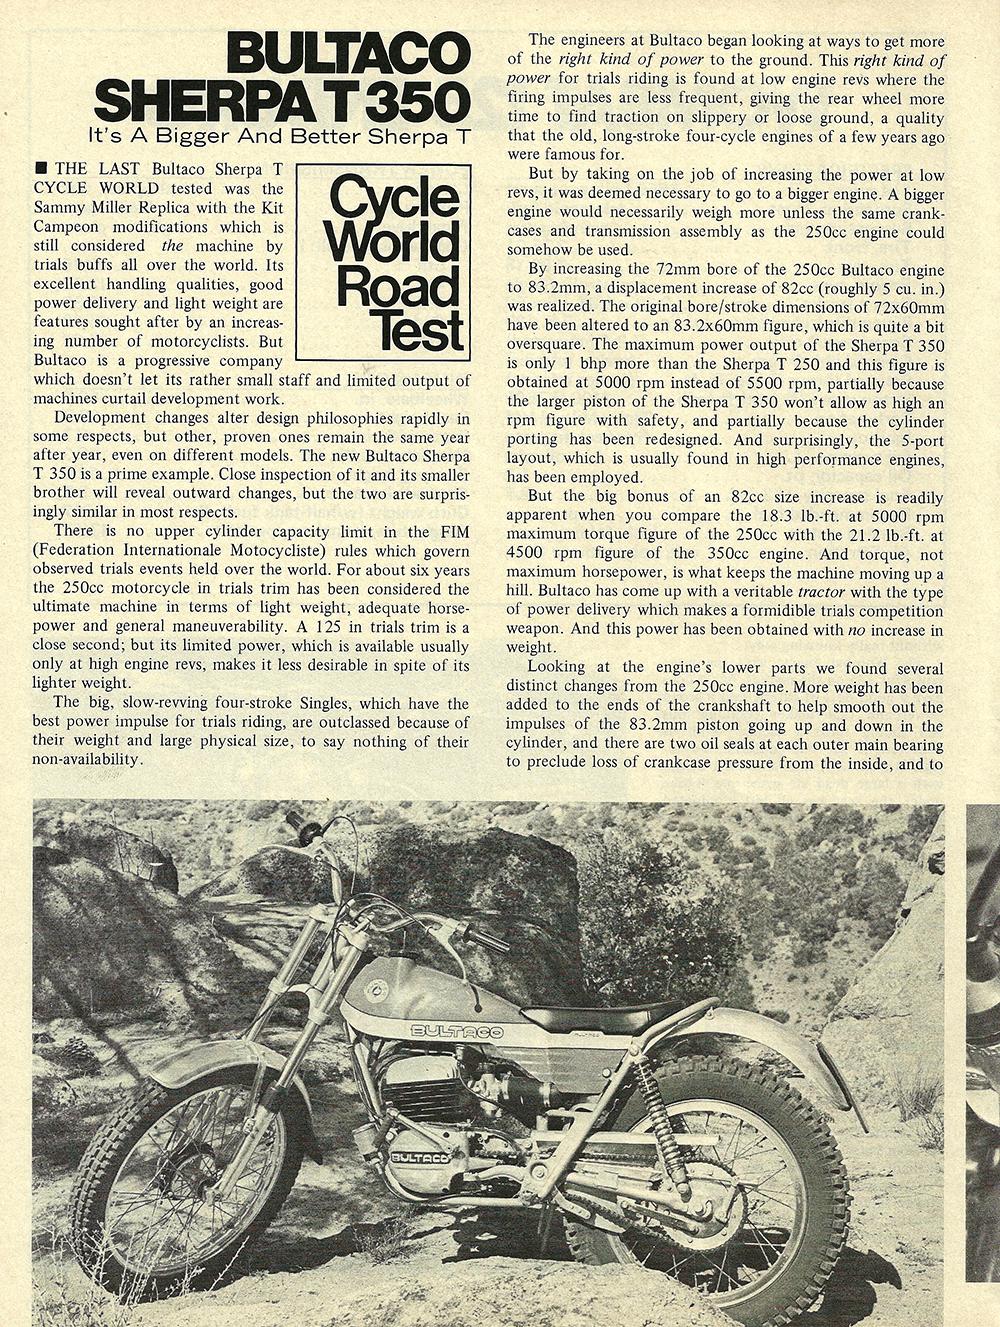 1972 Bultaco Sherpa T 350 road test 01.jpg